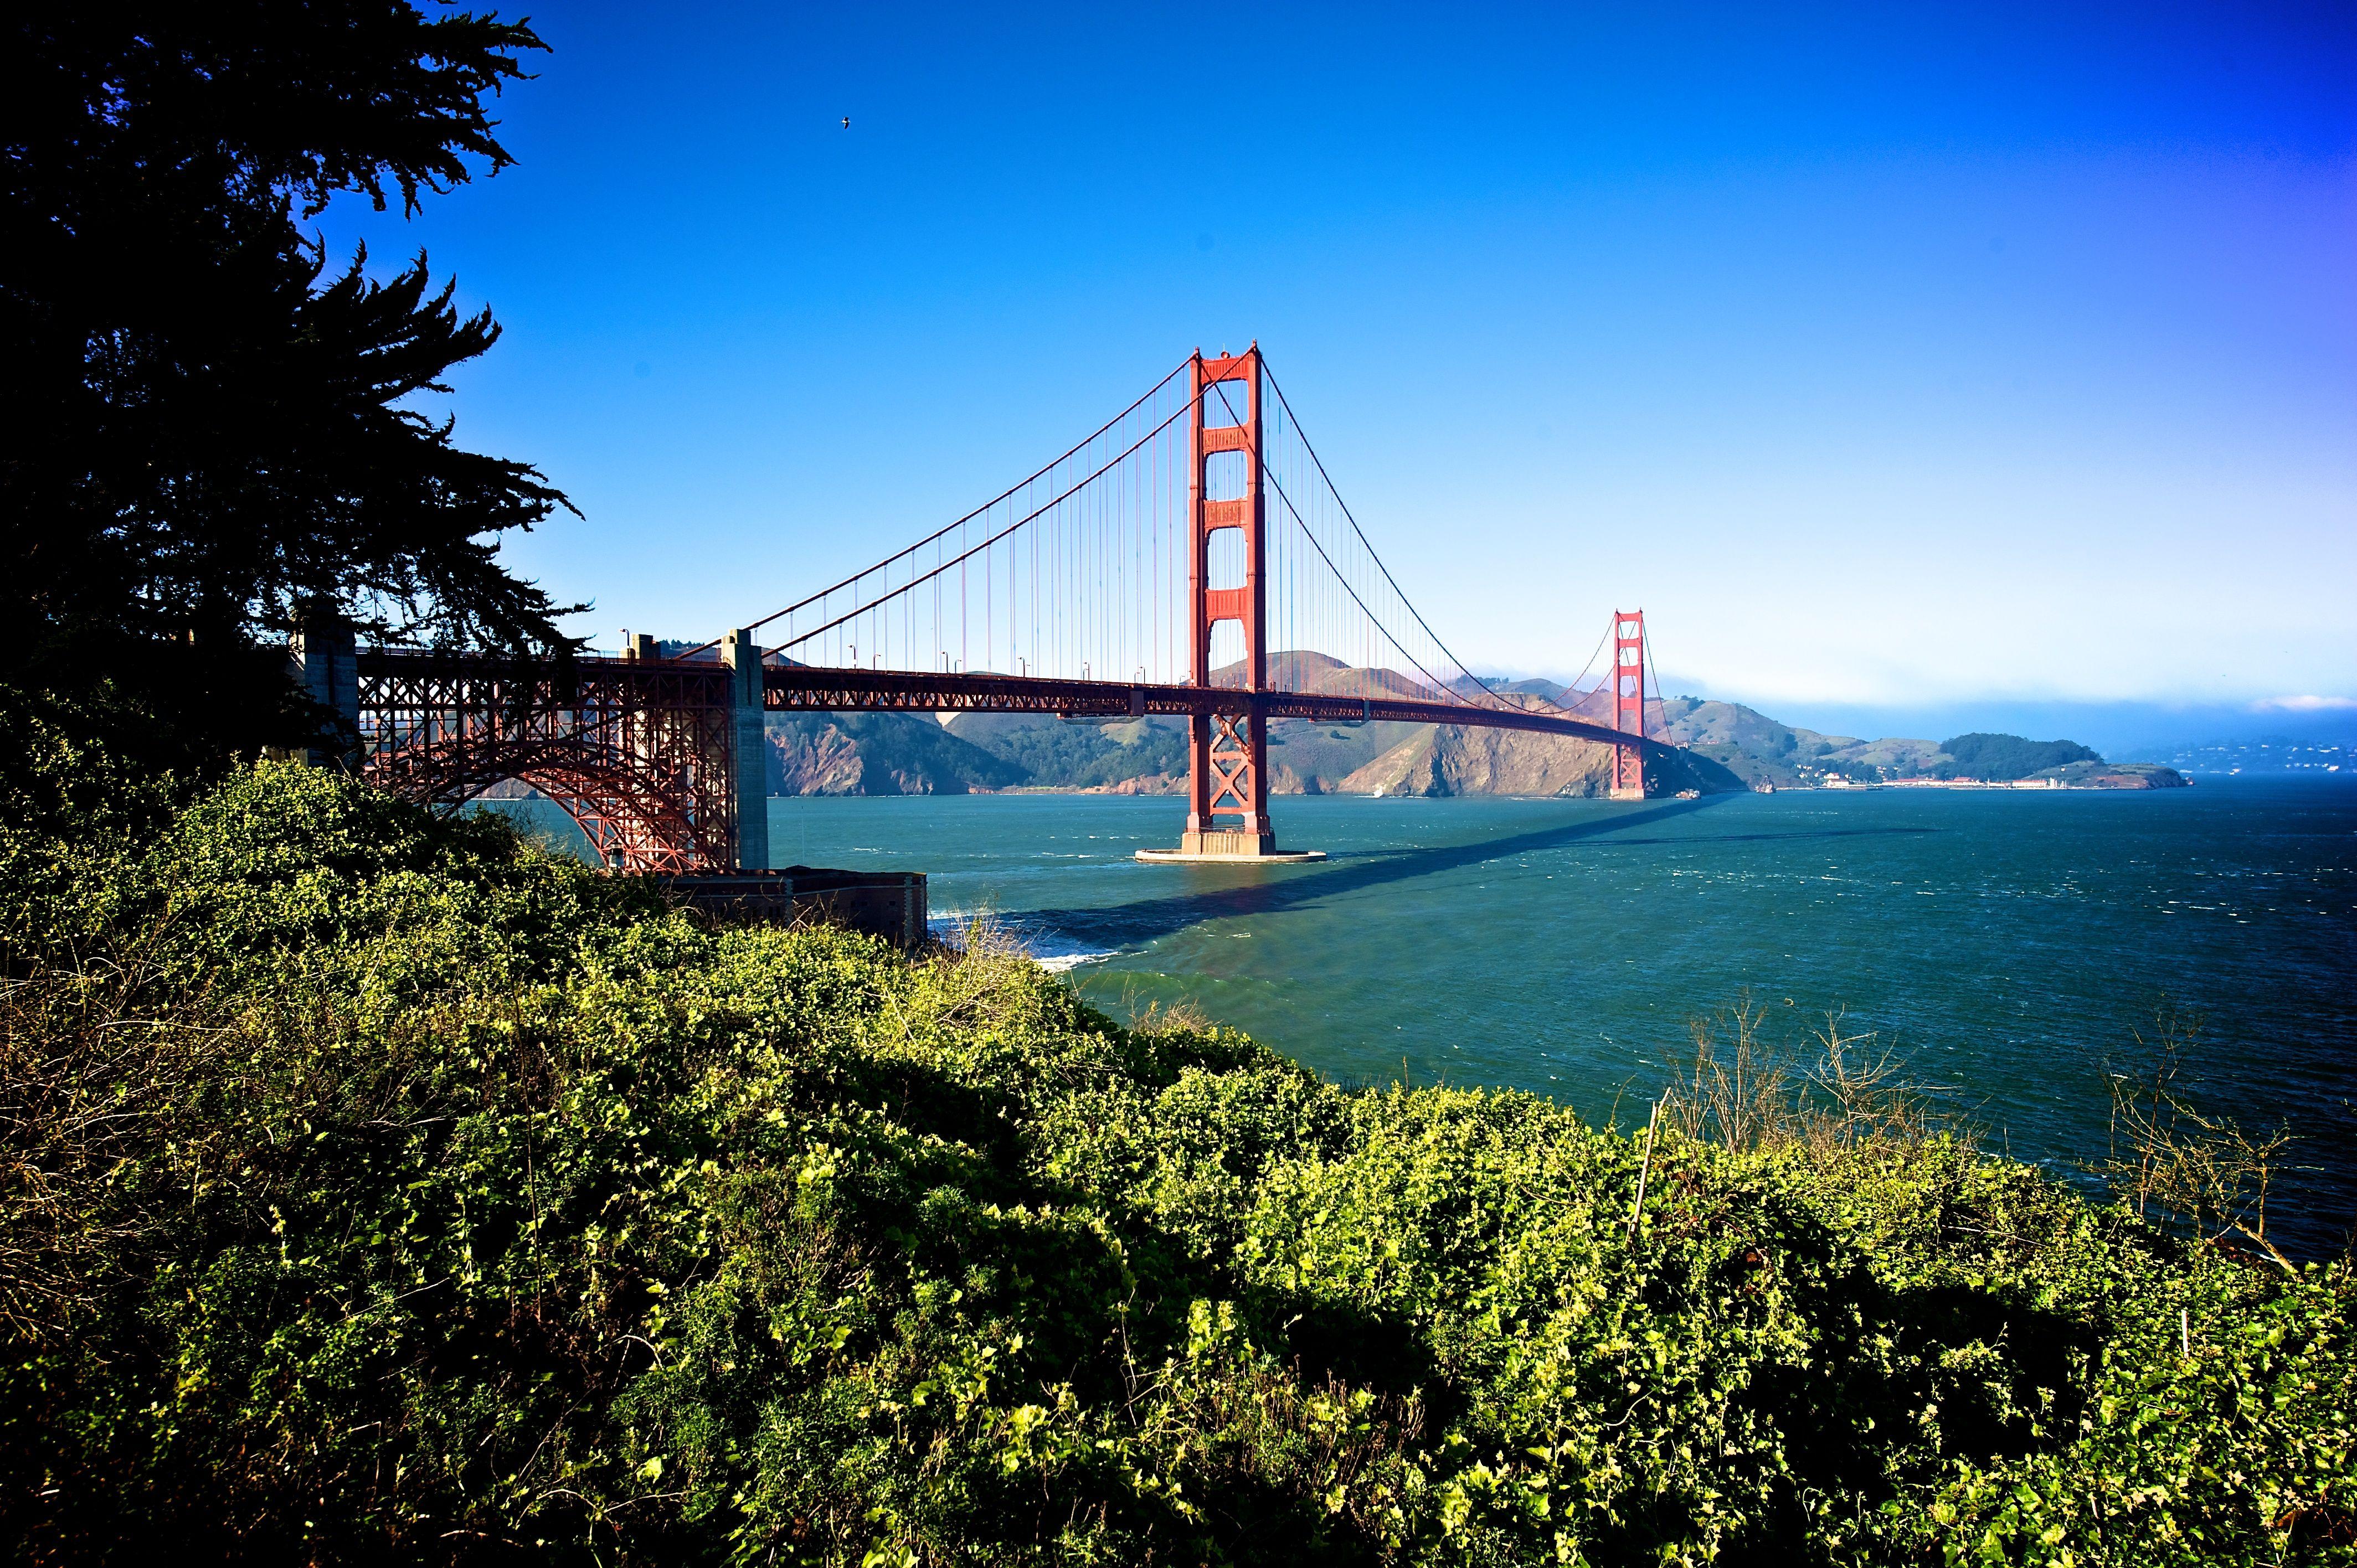 негры, как мост в лос анджелесе фото помнил